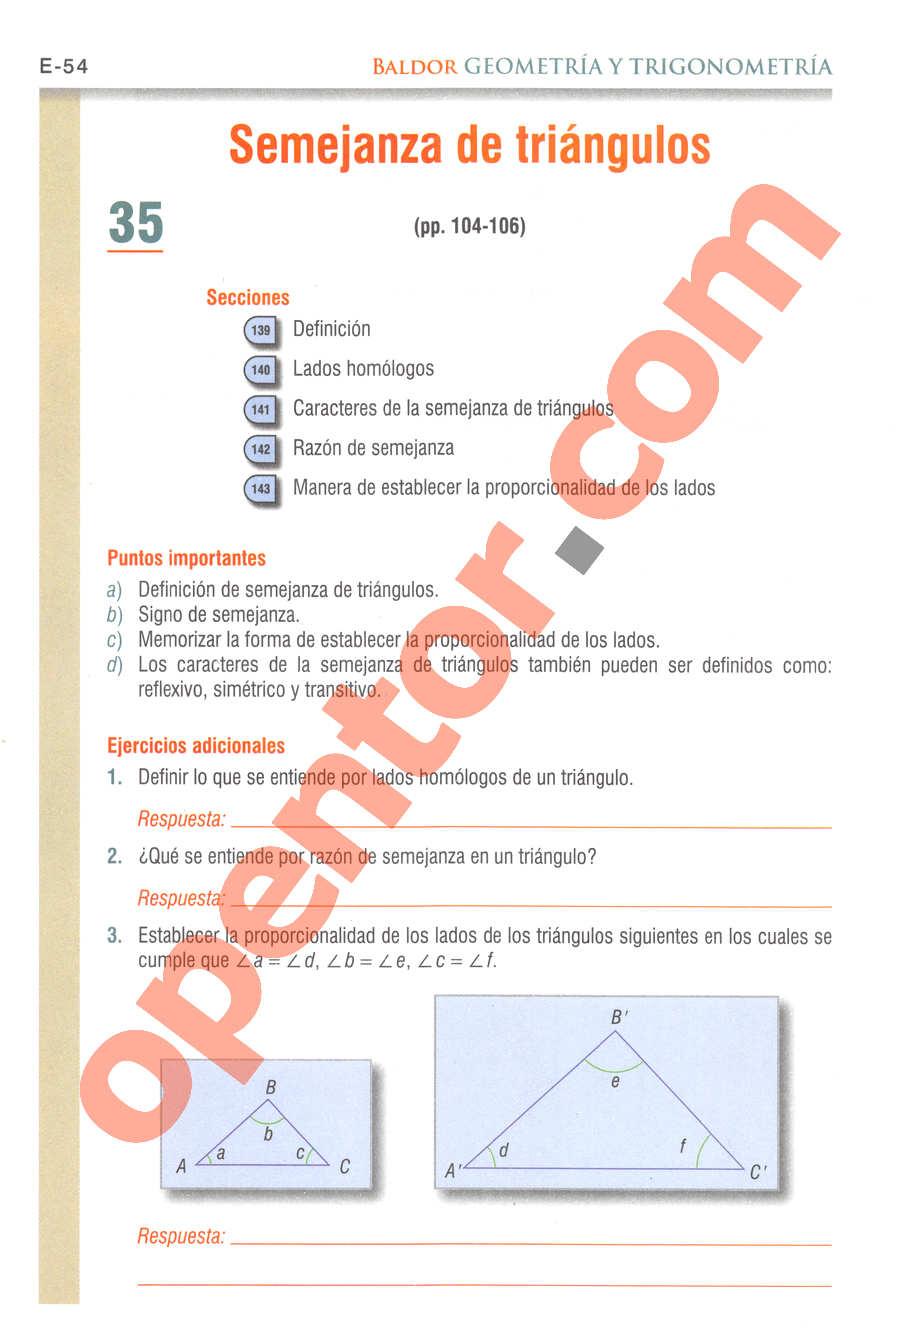 Geometría y Trigonometría de Baldor - Página E54